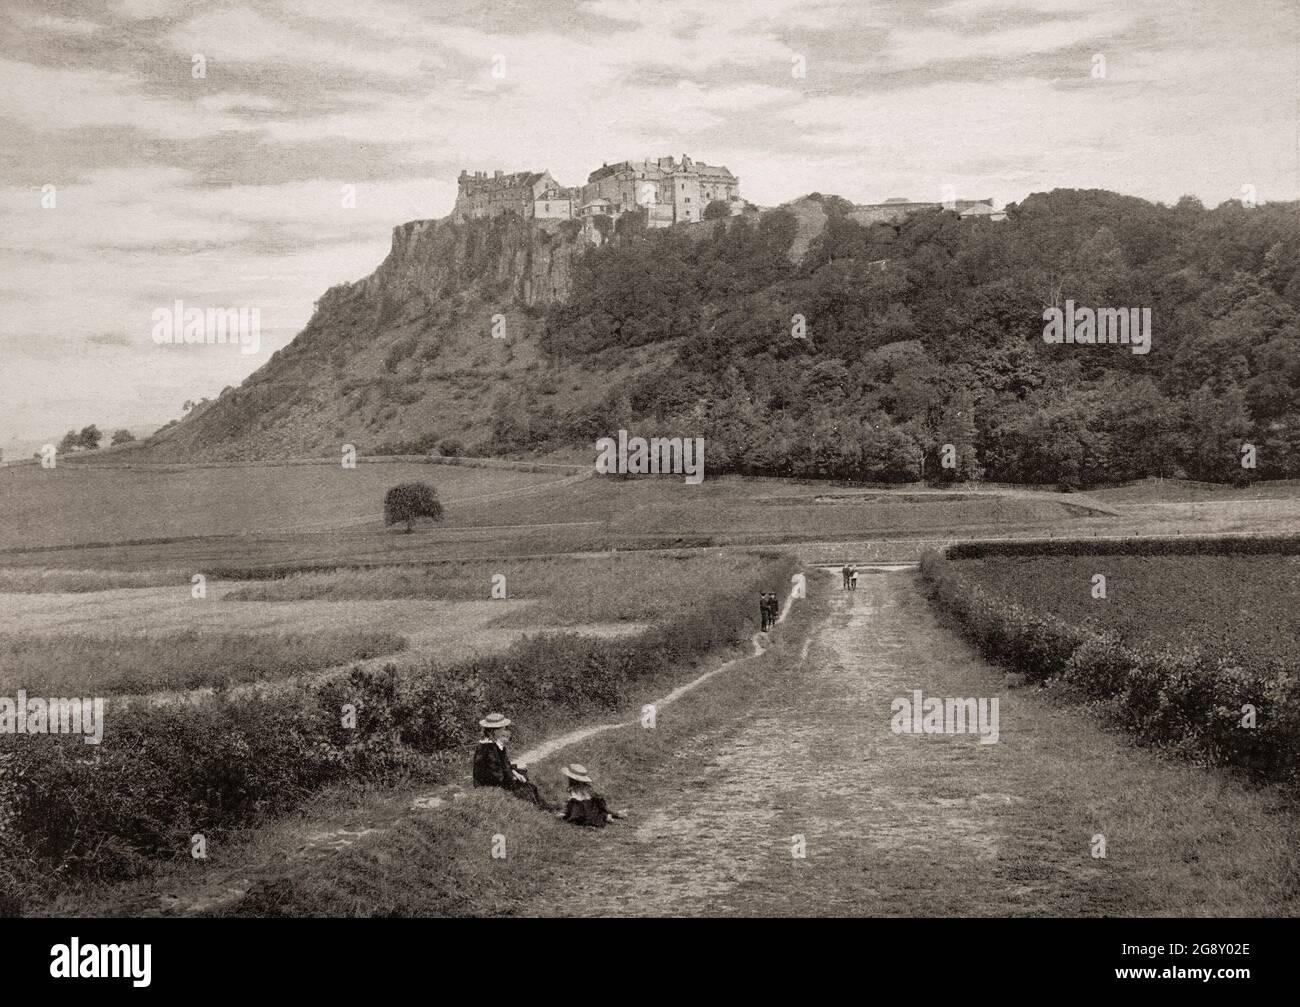 Vue de la fin du XIXe siècle sur le château de Stirling, l'un des plus grands et des plus importants châteaux d'Écosse, à la fois historiquement et sur le plan architectural. Le château se trouve au sommet de Castle Hill, un crampon intrusif, entouré de trois côtés par des falaises abruptes, lui donnant une position défensive forte. Le château date d'au moins début du XIIe siècle, les bâtiments actuels ont été construits entre 1490 et 1600, tandis que les défenses extérieures en face de la ville datent du début du XVIIIe siècle. Banque D'Images